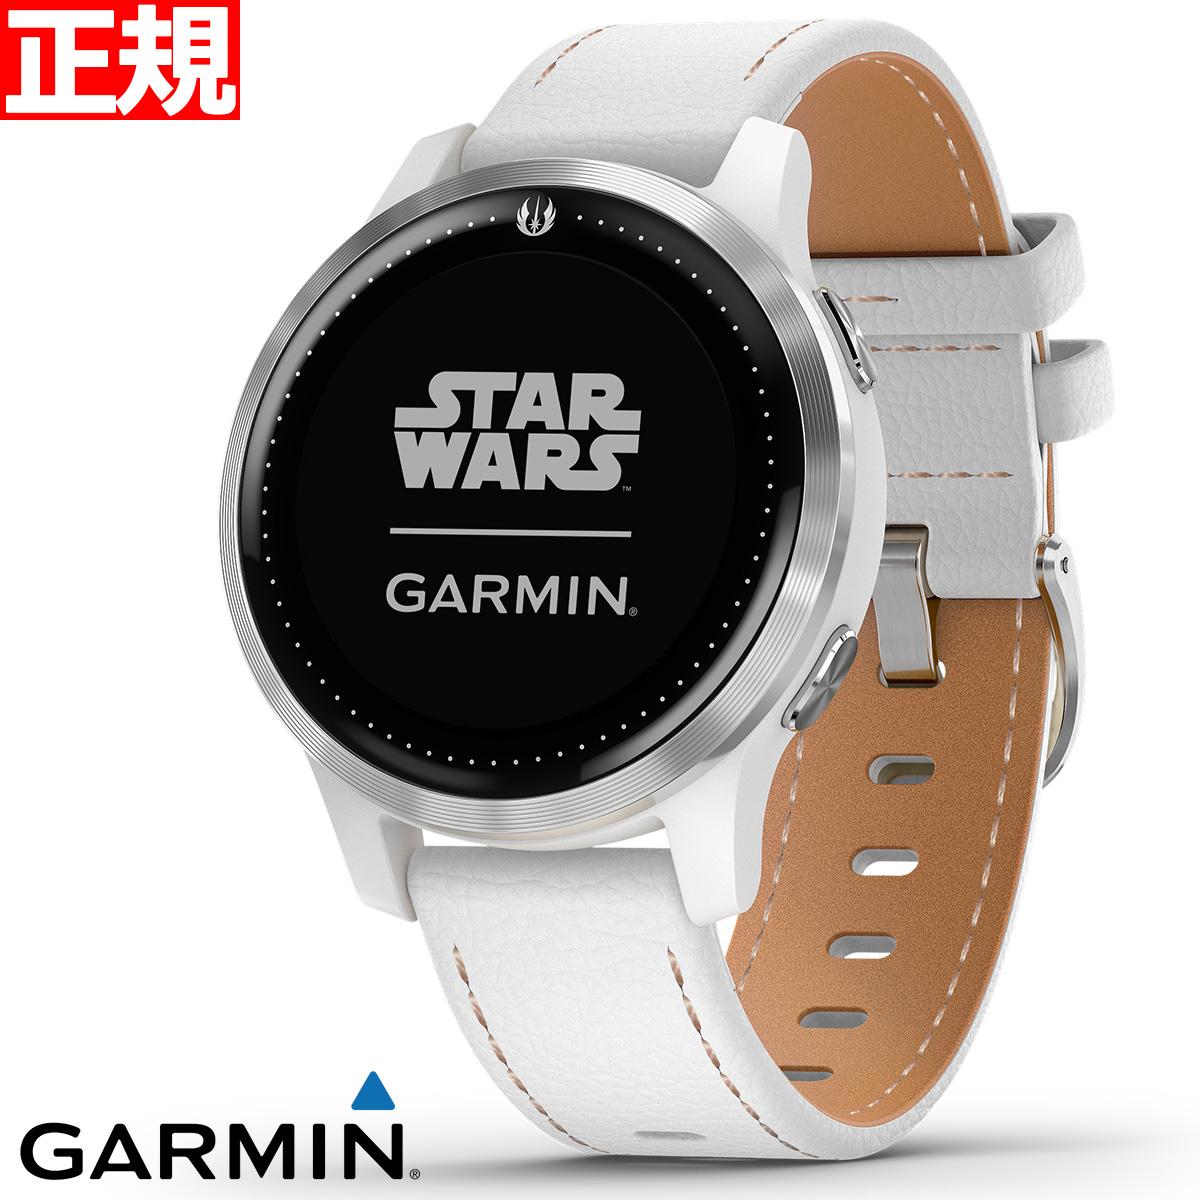 ガーミン GARMIN レガシーサガシリーズ レイ 010-02172-57